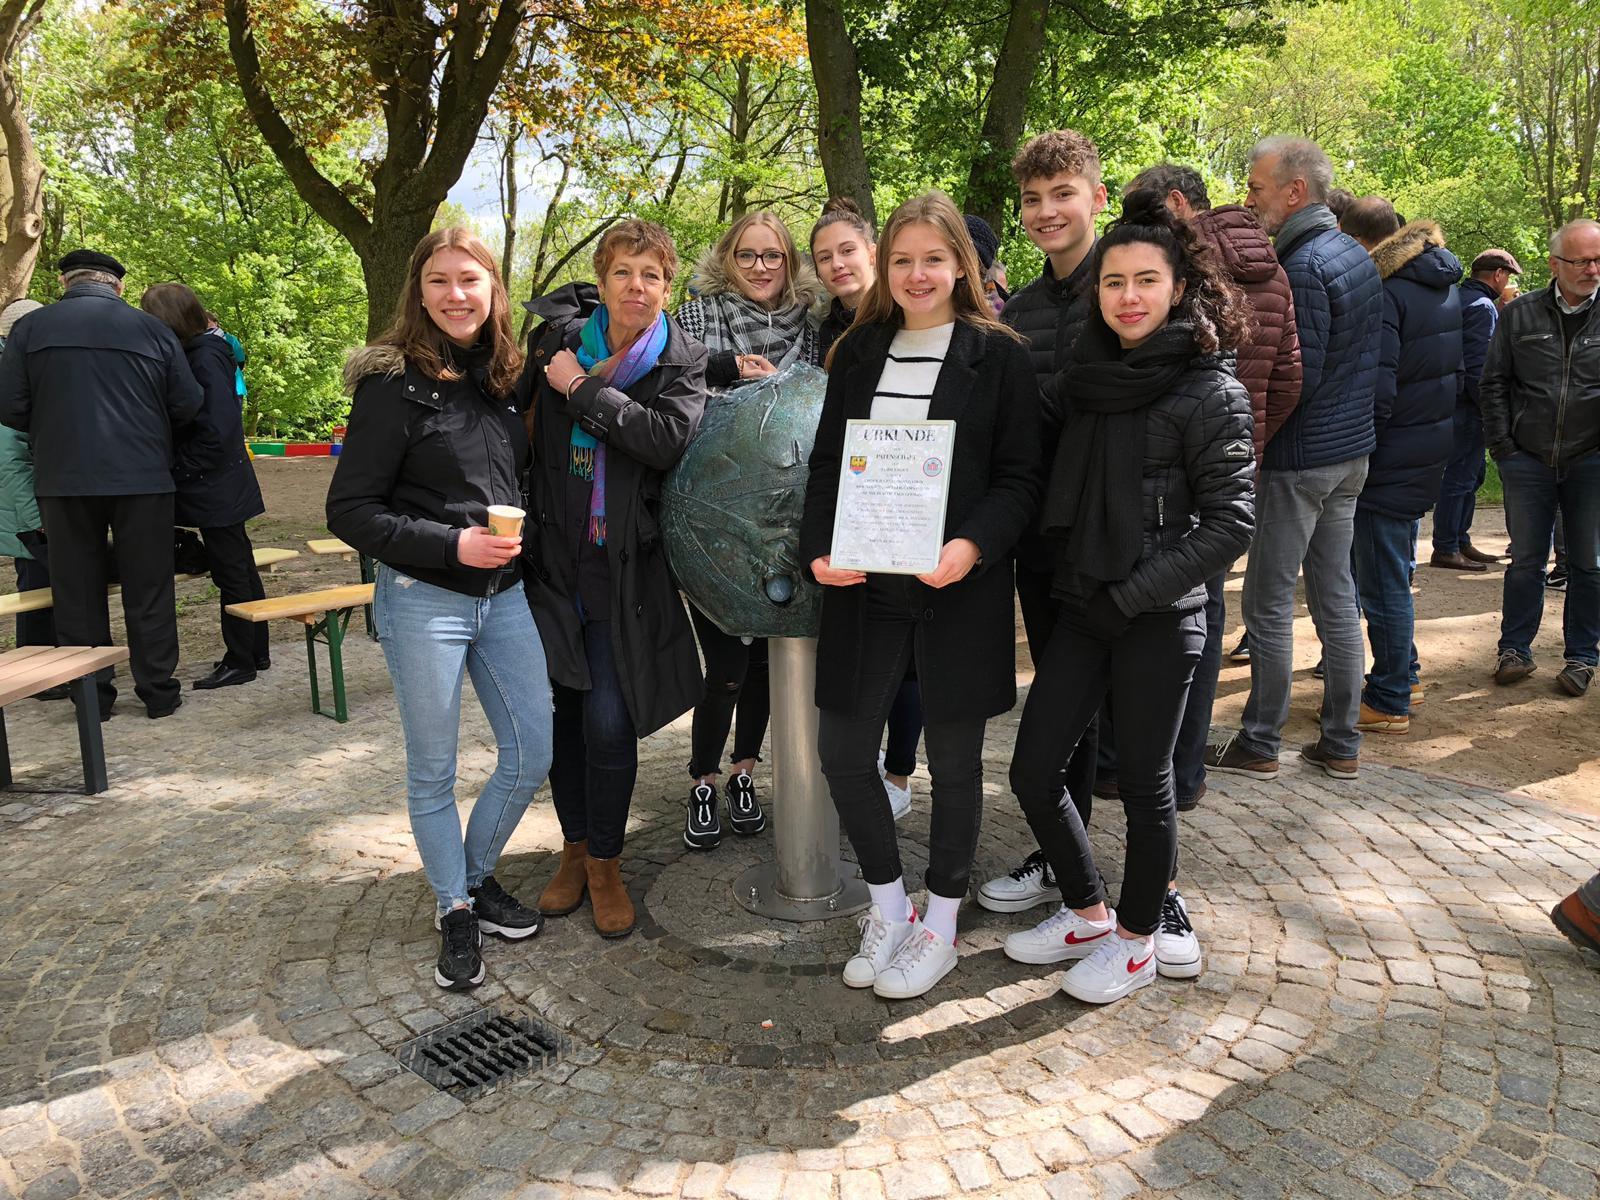 Bye Bye Plastic Bags übernimmt Patenschaft für Trinkwasserbrunnen